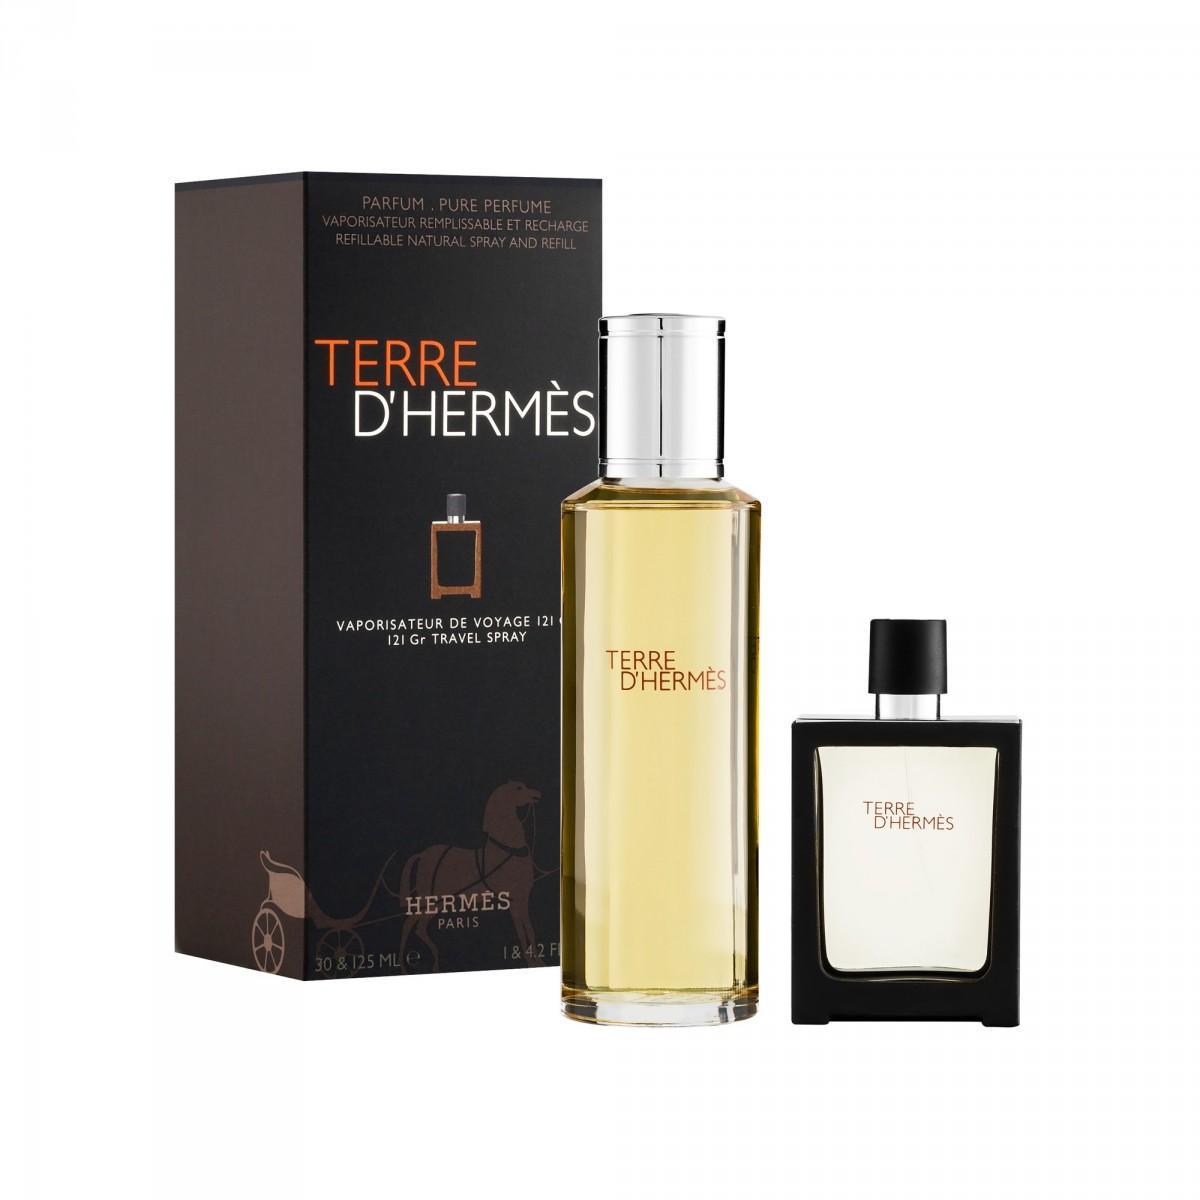 Set Terre Dherms Eau De Parfum Rechargeable 125 Ml Recharge 30 Hermes Voyage D Unisex Edp 100ml